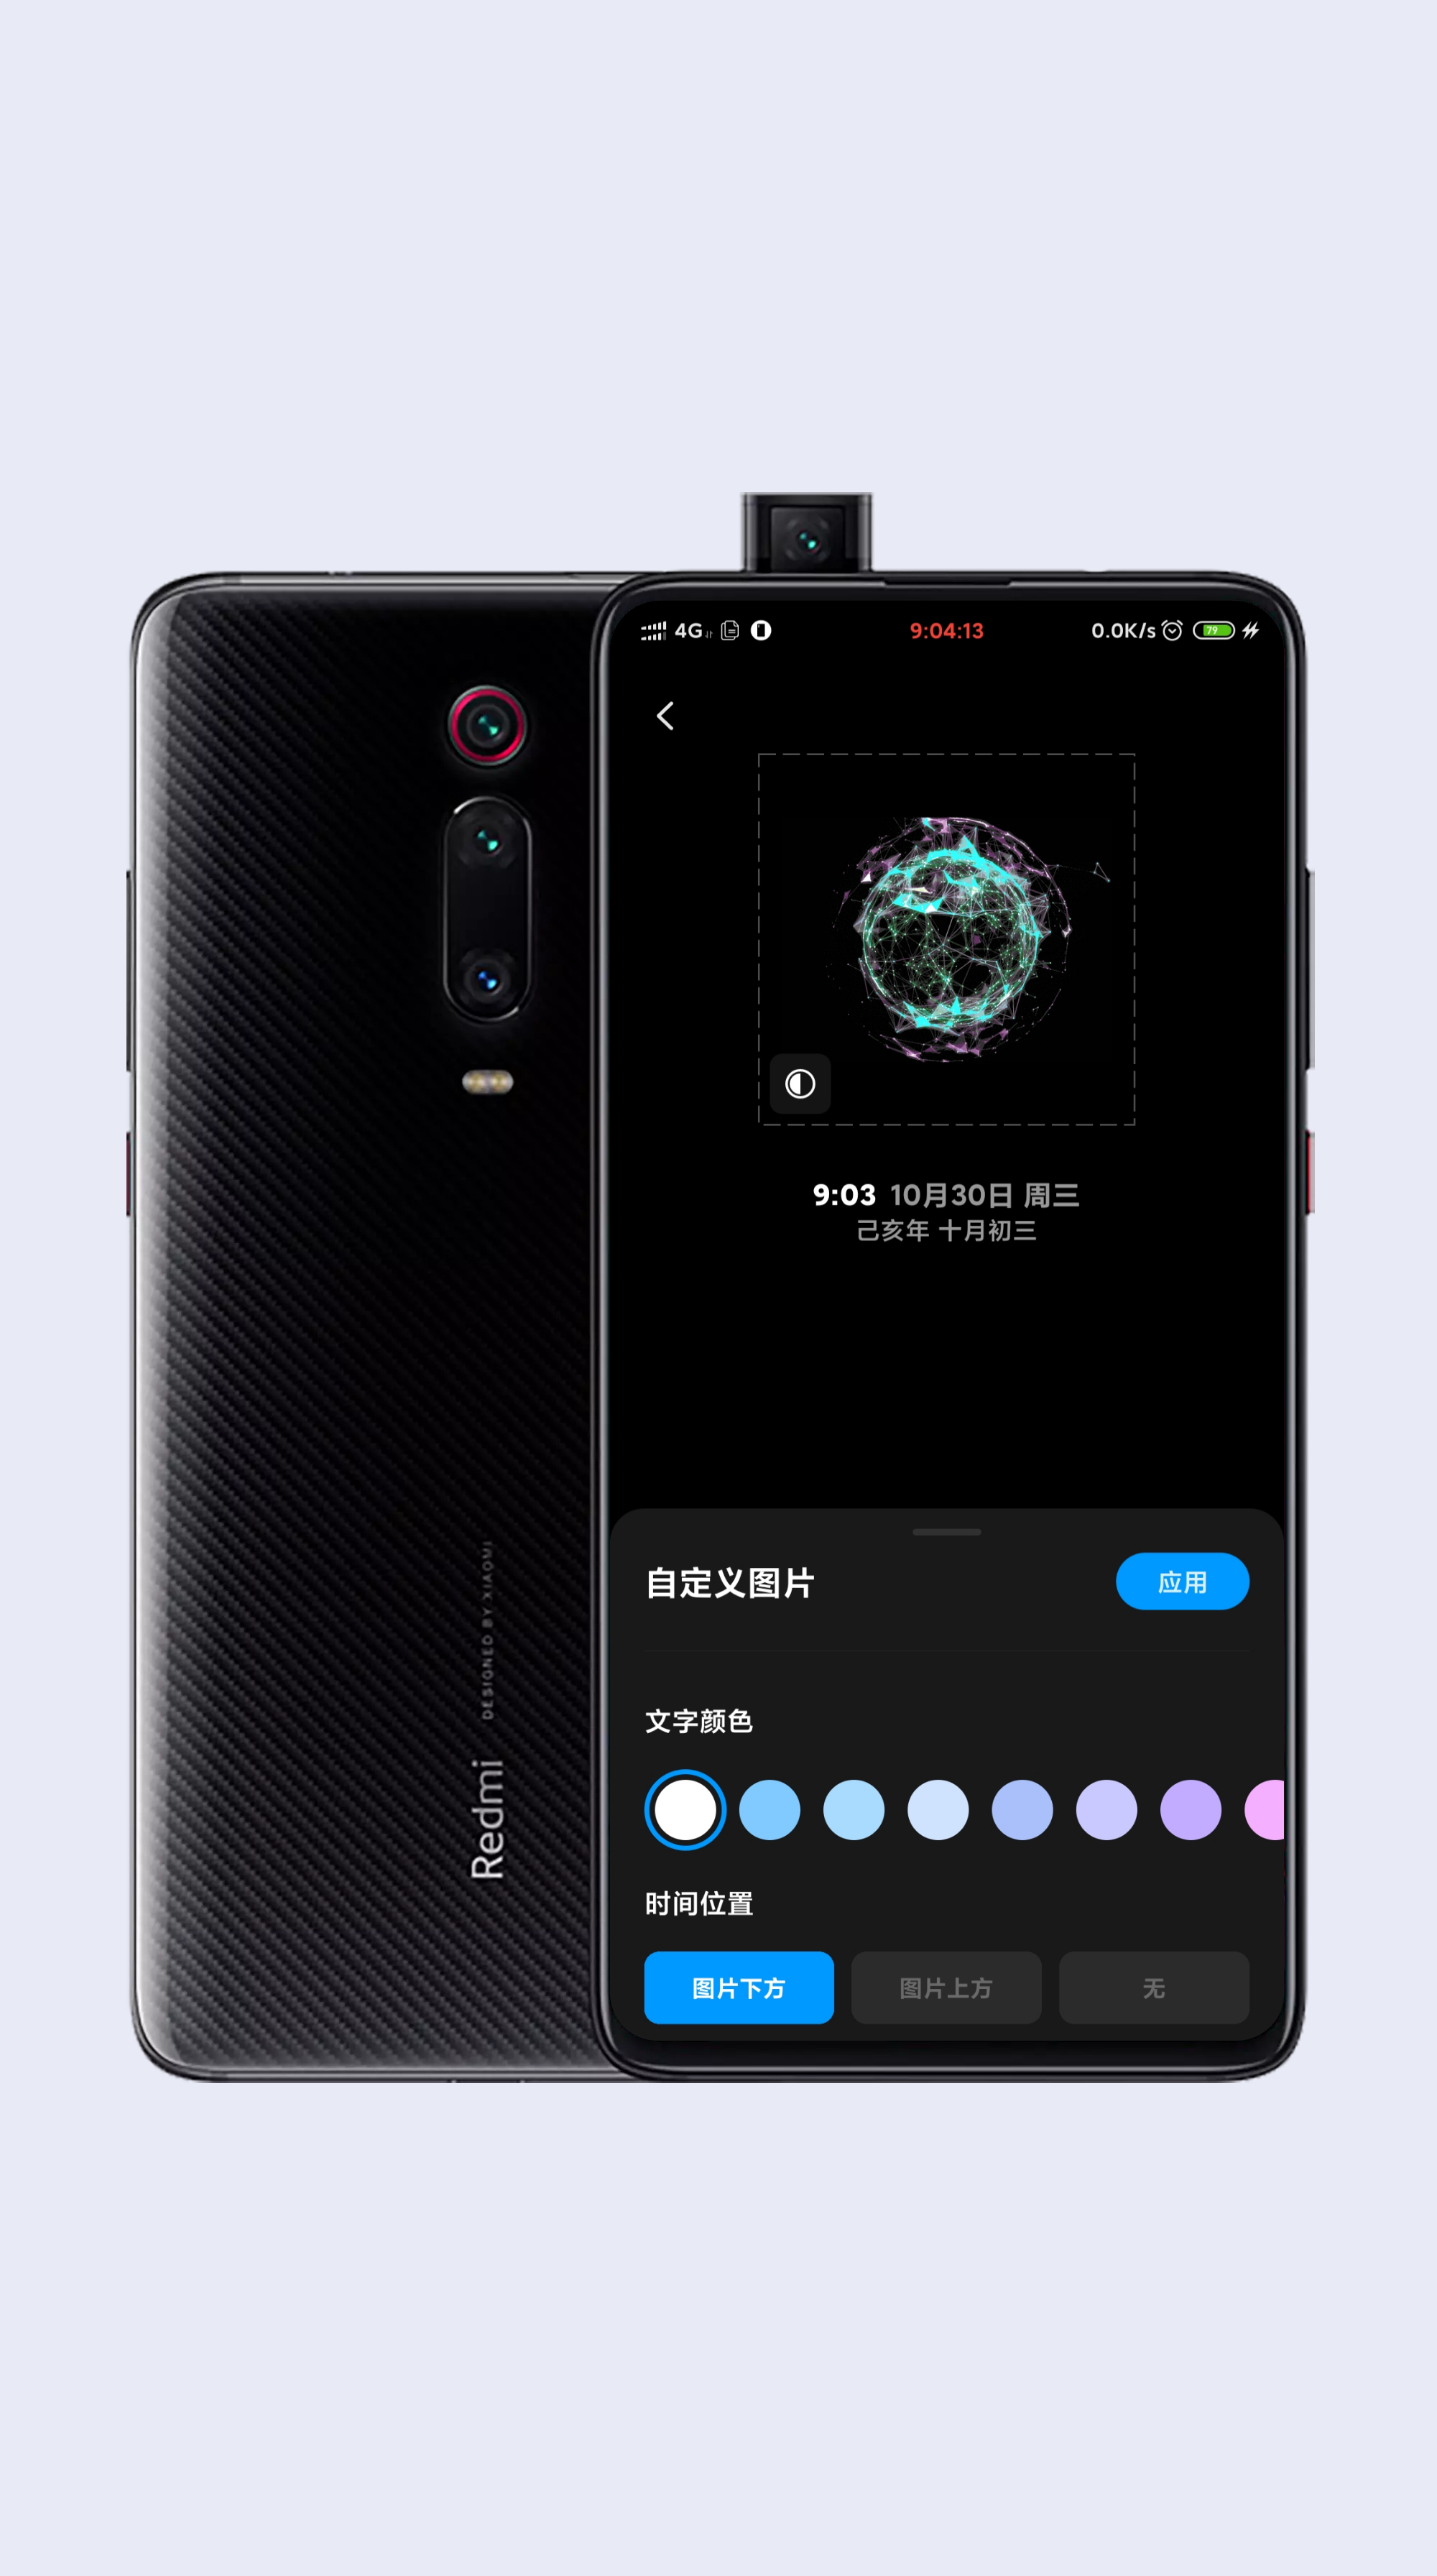 〖系统更新〗2019/10/30 MI6 MI NOTE3 MI9 K20PRO V9.10.30开发版内测已经更新